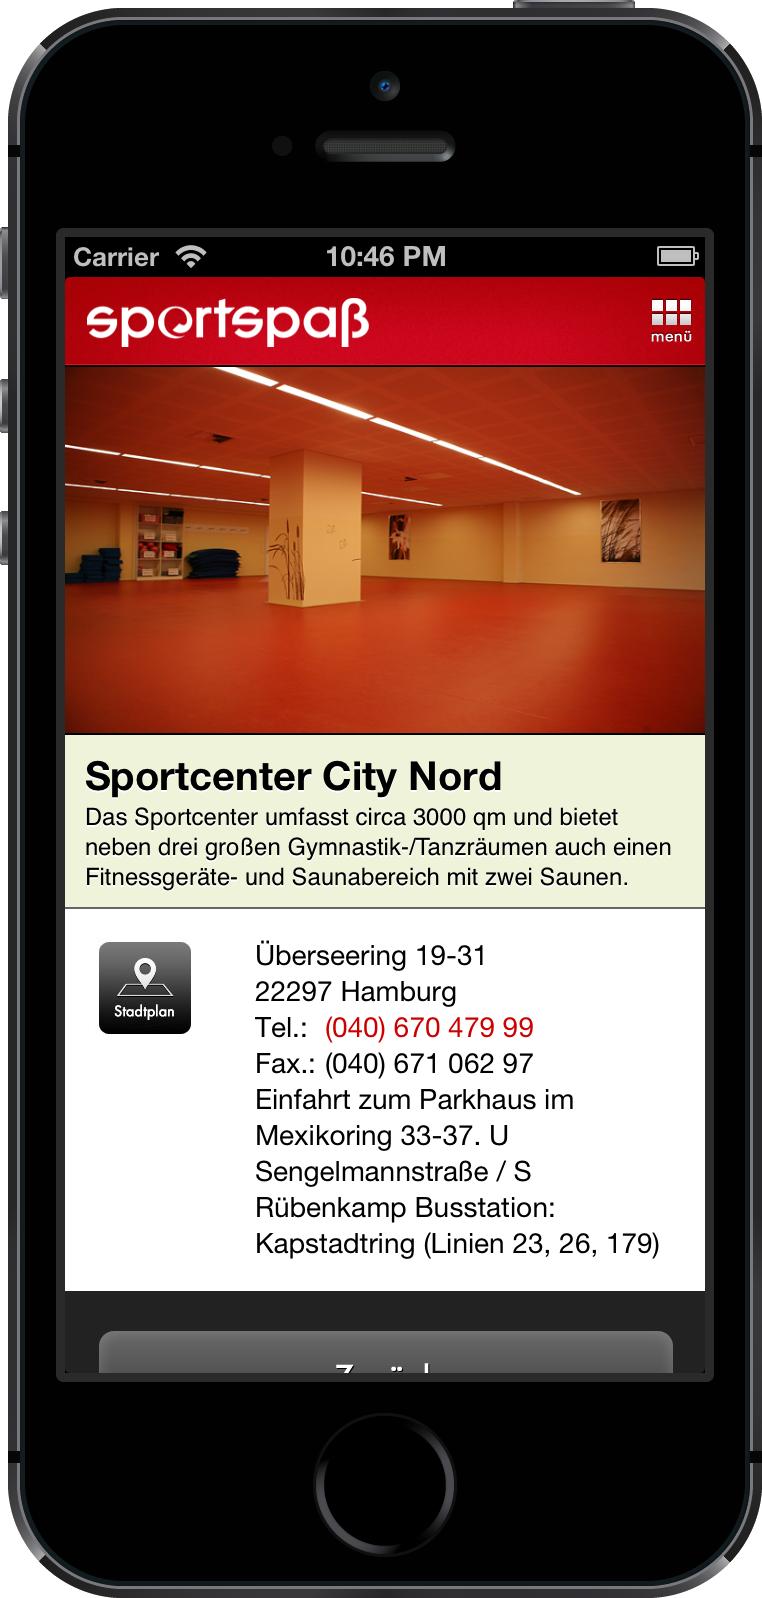 Sportspass_Center_Details.png